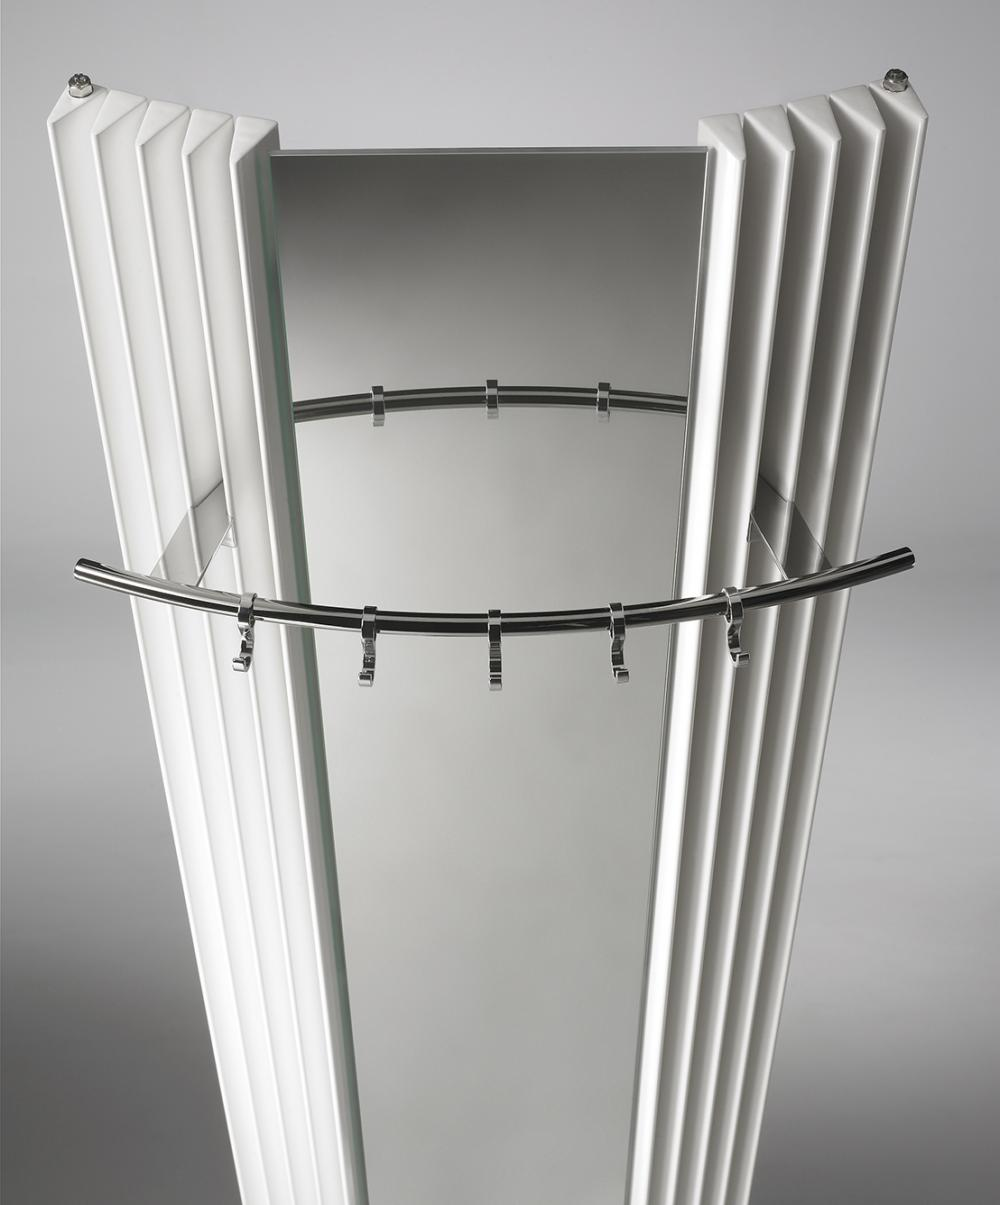 Calorifer cu oglinda Jaga Iguana Visio 2000x519 mm, 751 W